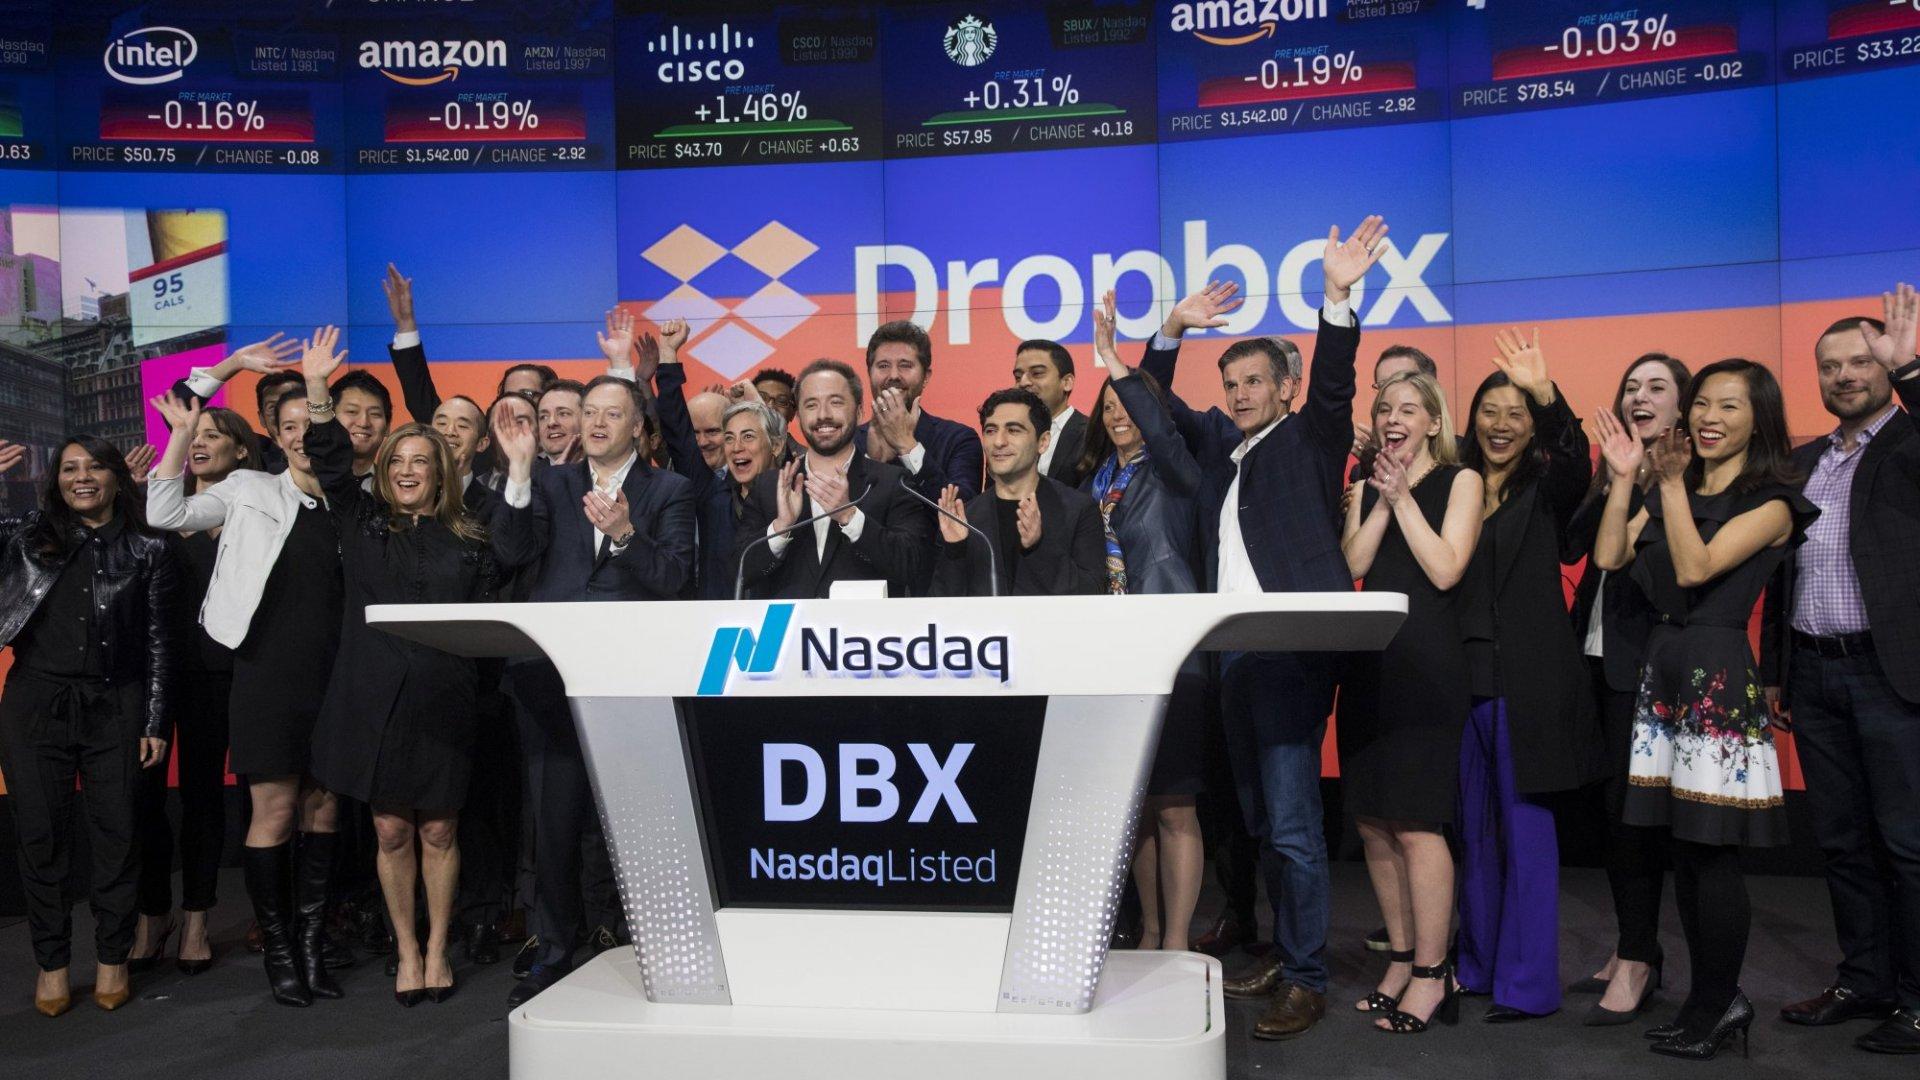 Dropbox's IPO Debuts at $29 a Share